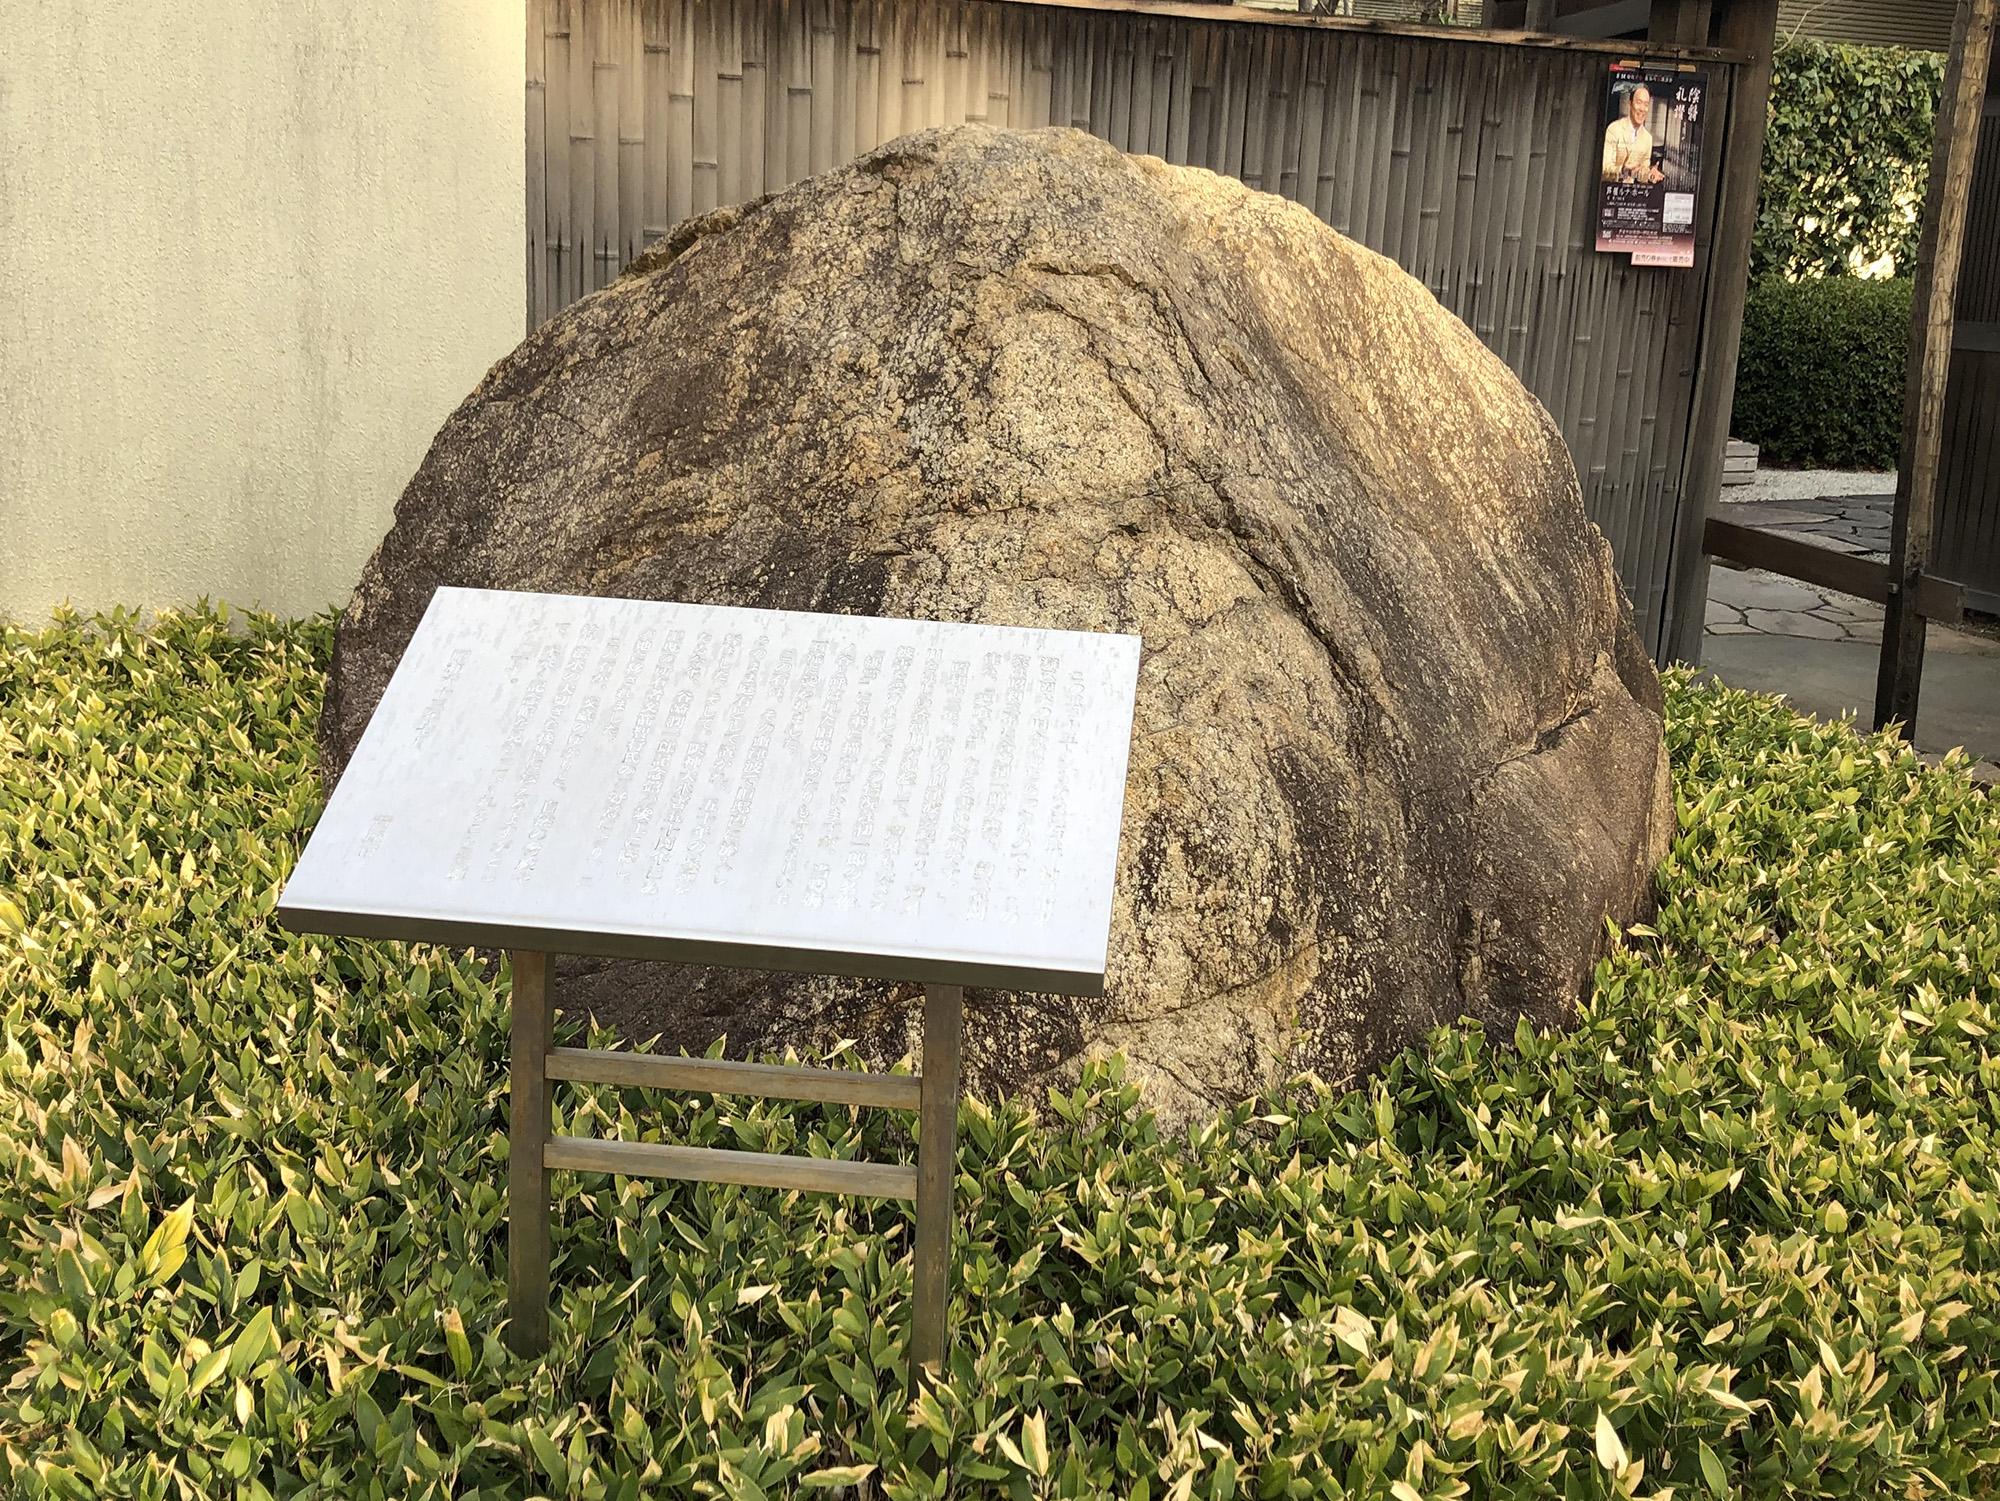 谷崎潤一郎記念館の前の巨石